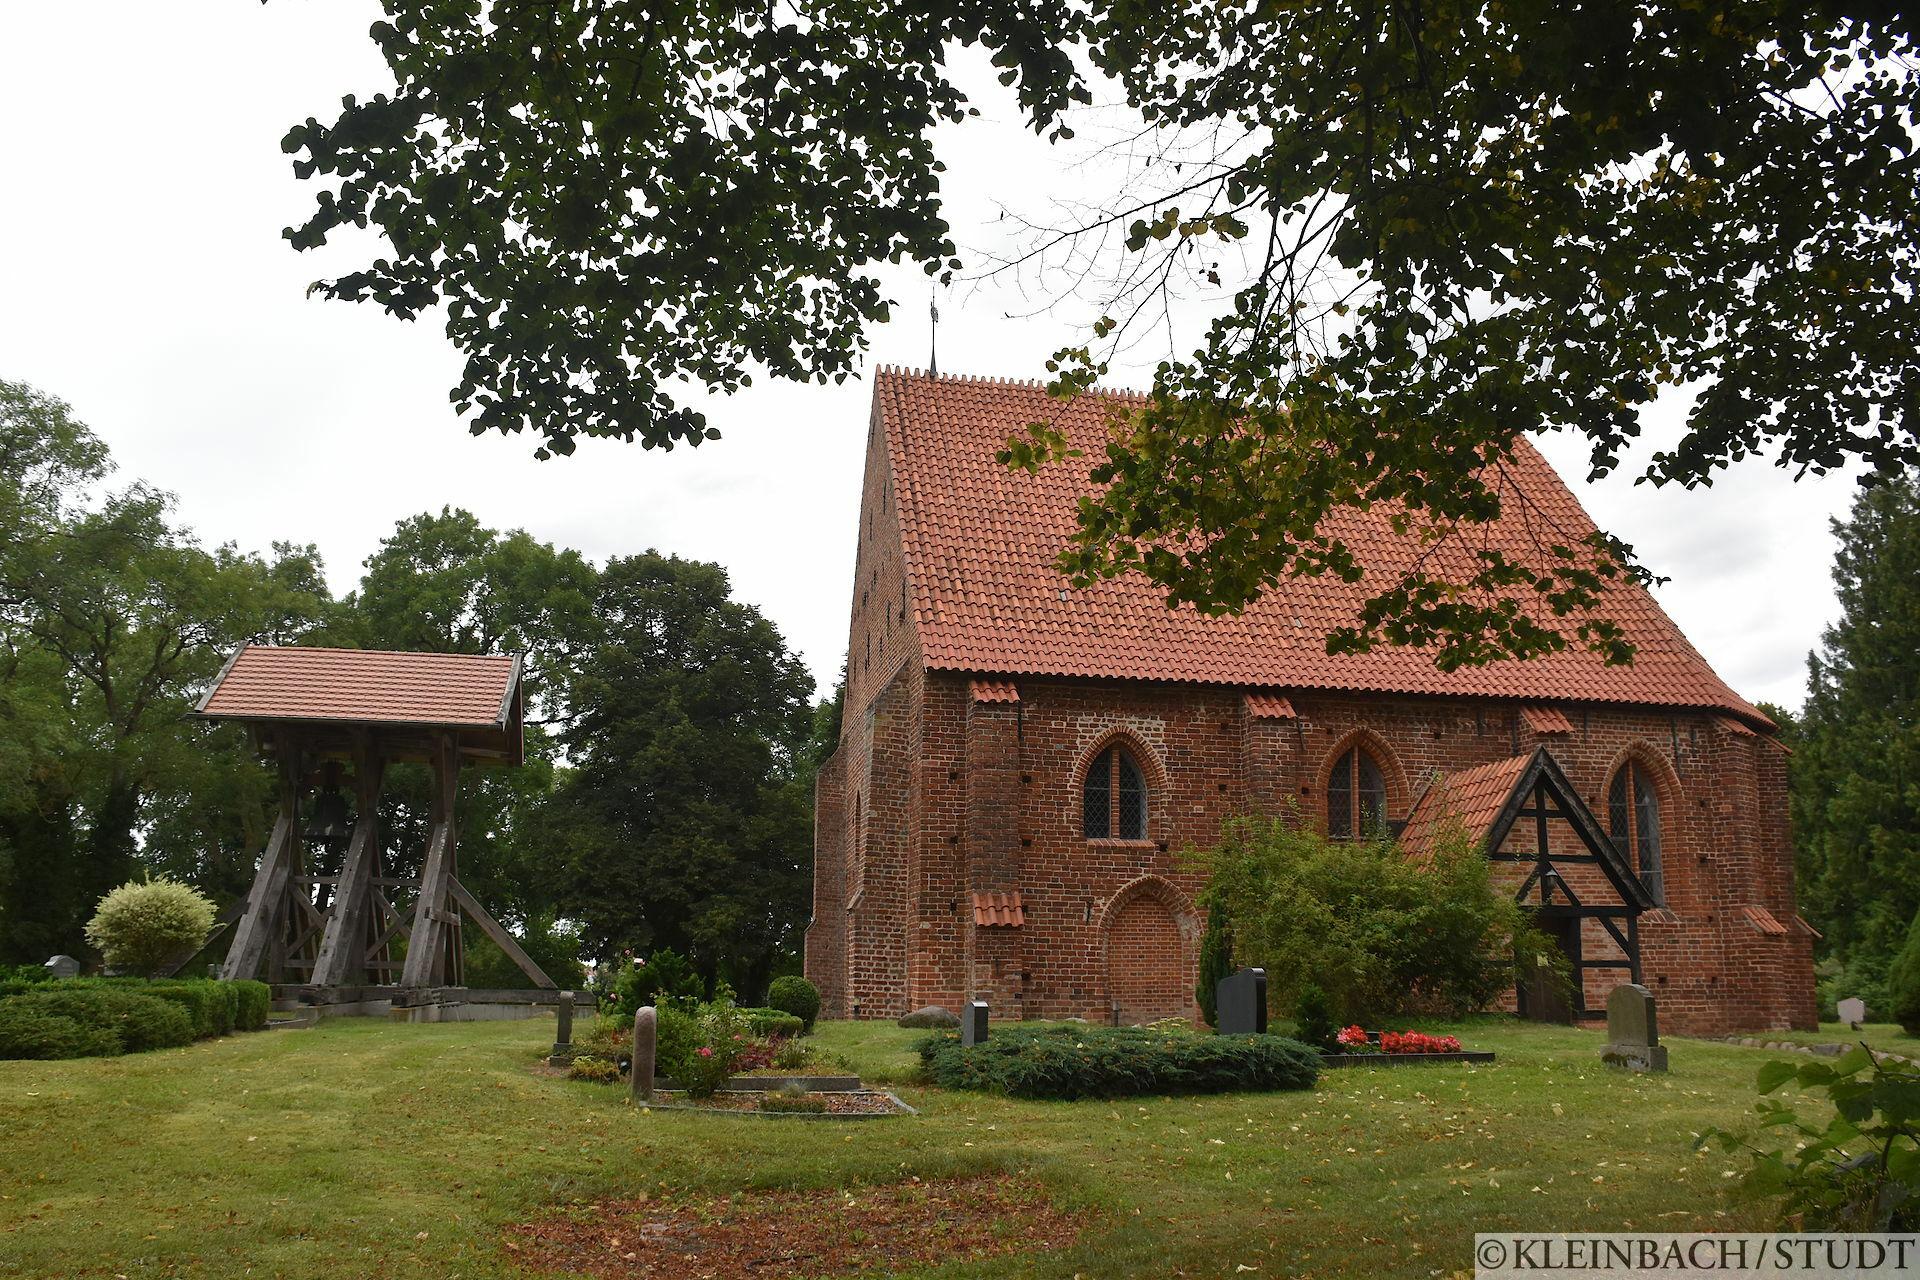 Kirchenglocken vor der Kirche nicht auf dem Turm. Die zweite Kirche dieser Art